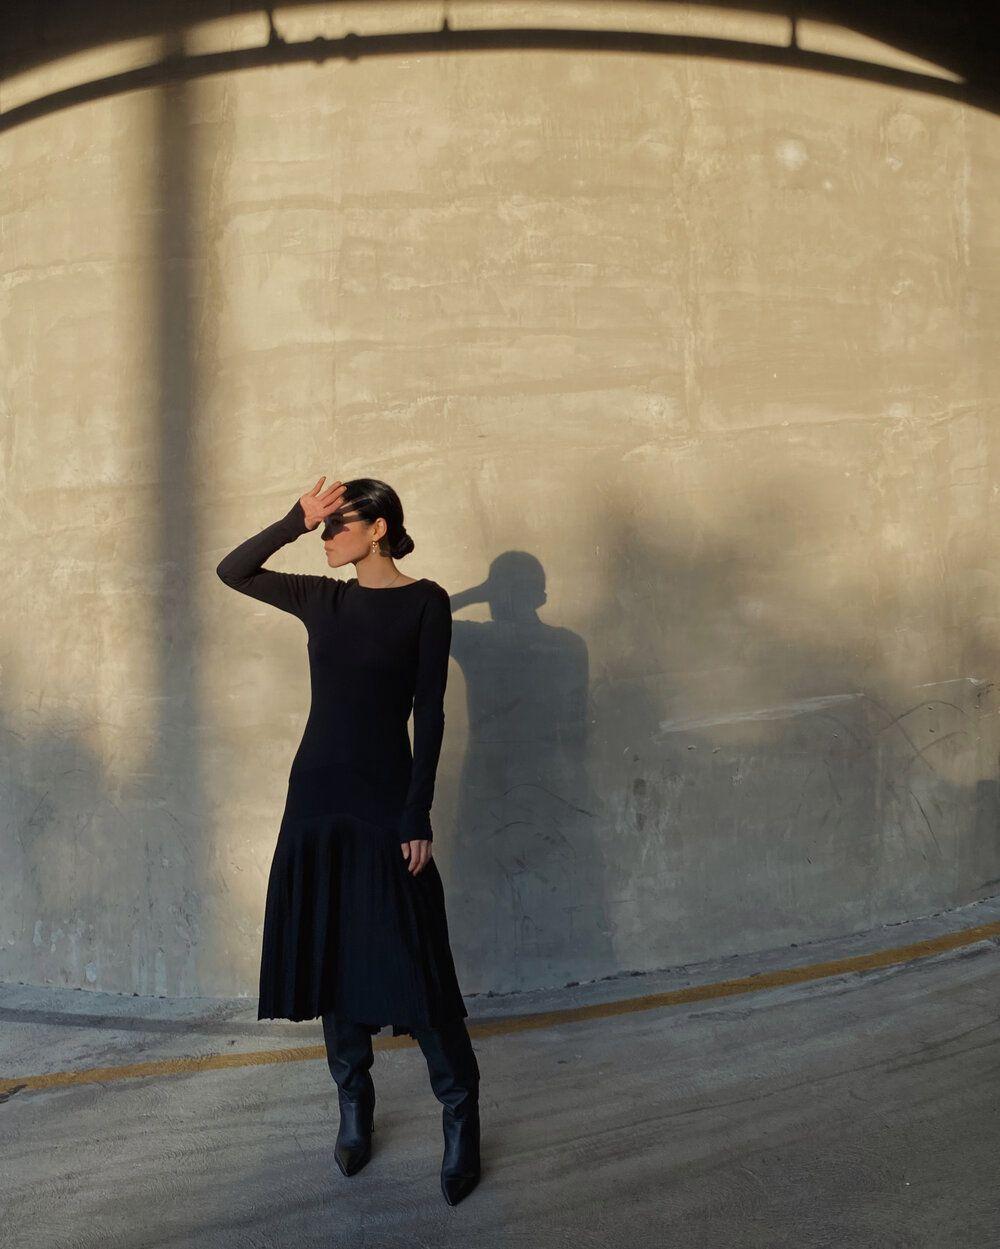 BITE STUDIOS — ANDY HEART #outfit #whatiwore #slowfashion #ethicalfashion #style #fashion